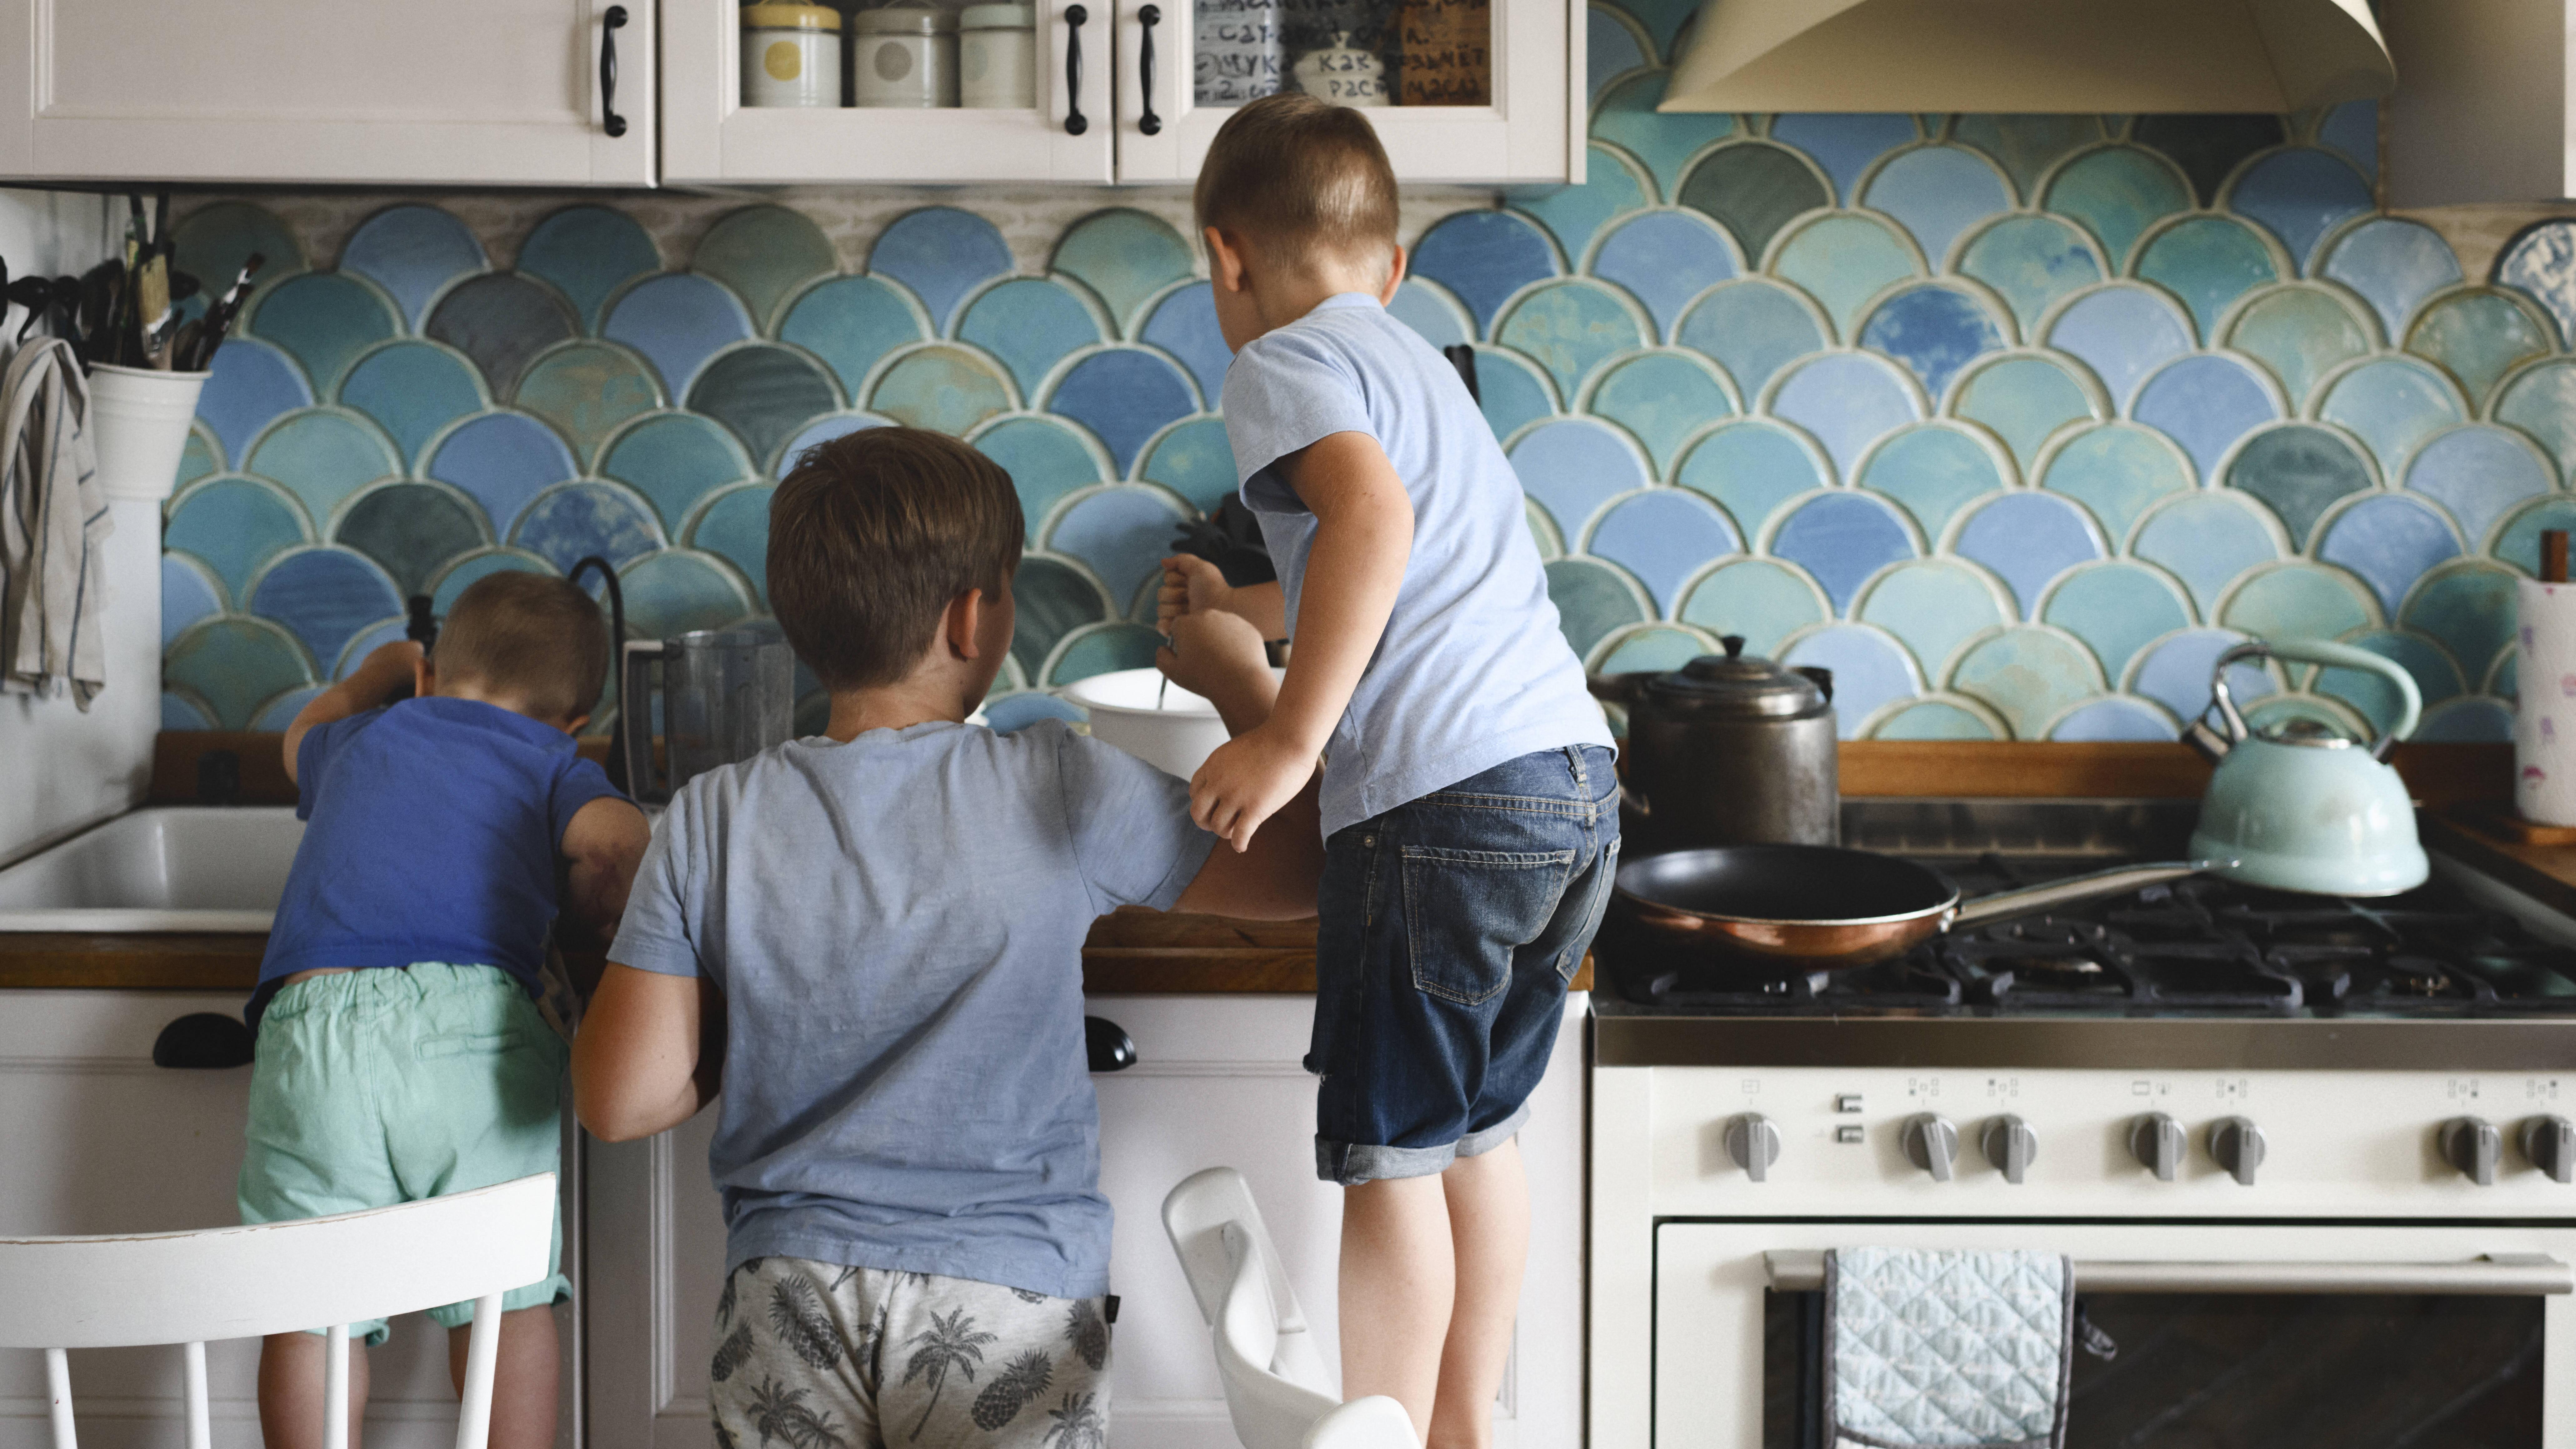 Fingerabdrücke entfernen ist nach dem gemeinsamen Kochen in der Küche häufig nötig.